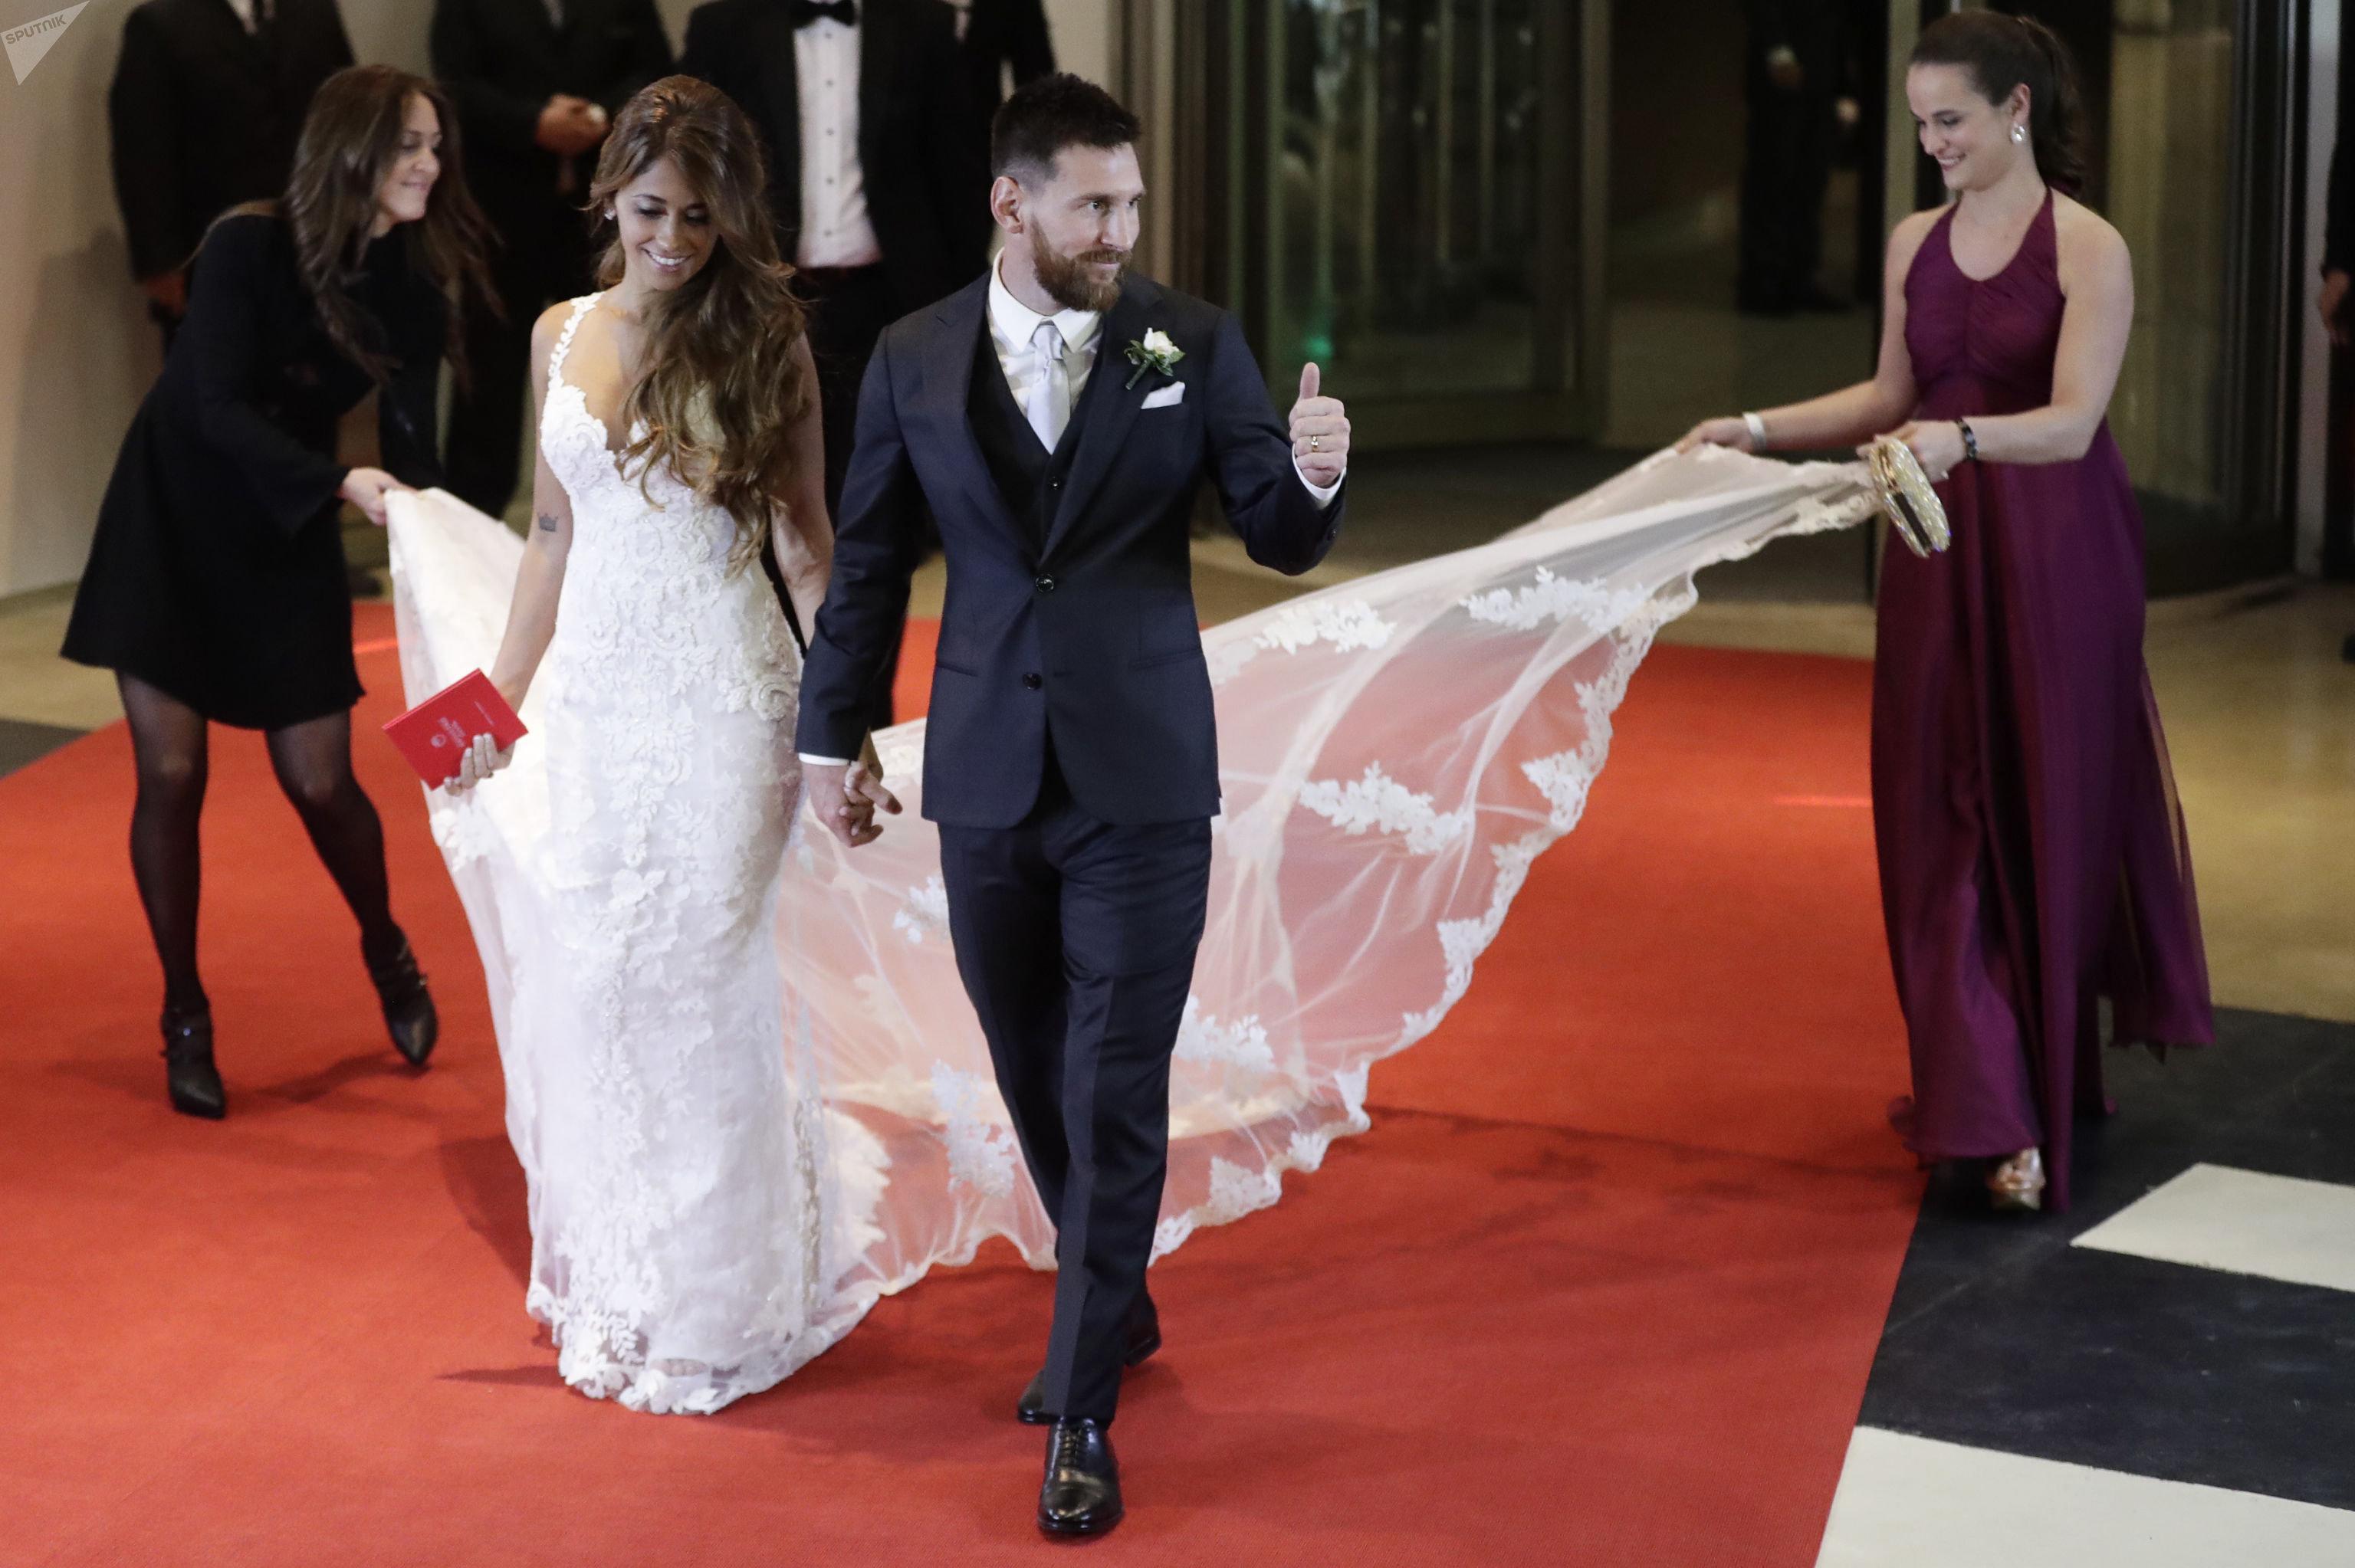 حفل زفاف لاعب كرة القدم لنادي برشلونة ليونيل ميسي ورفيقة دربه أنتونيللا روكوتسو في روساريو، الأرجنتين 30 يونيو/ حزيران 2017